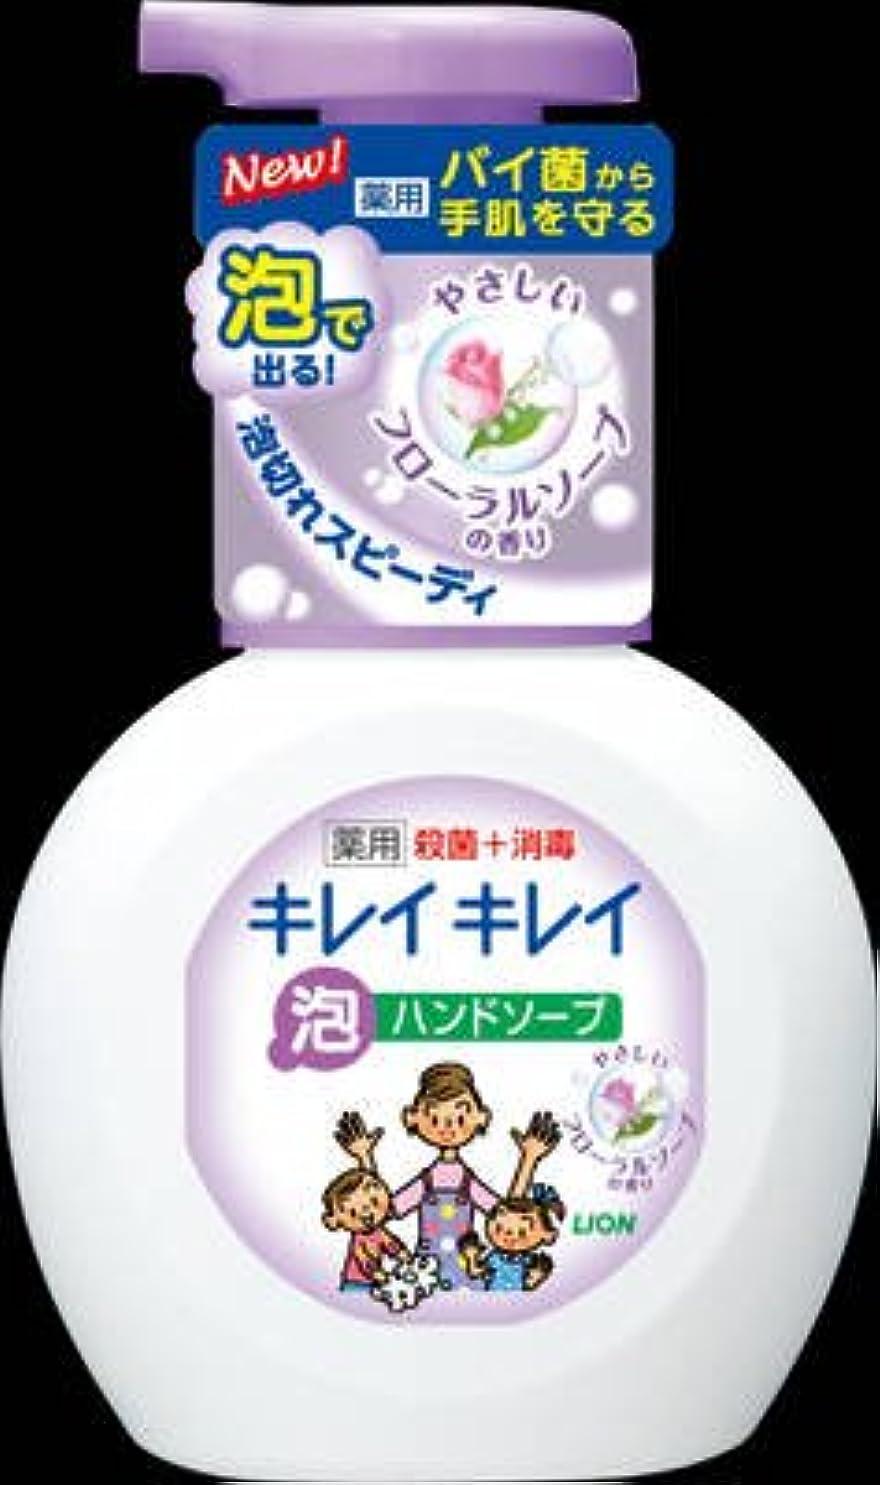 自明規定ワットライオン キレイキレイ 薬用泡ハンドソープ フローラルソープの香り 250ml×20点セット (4903301176909)